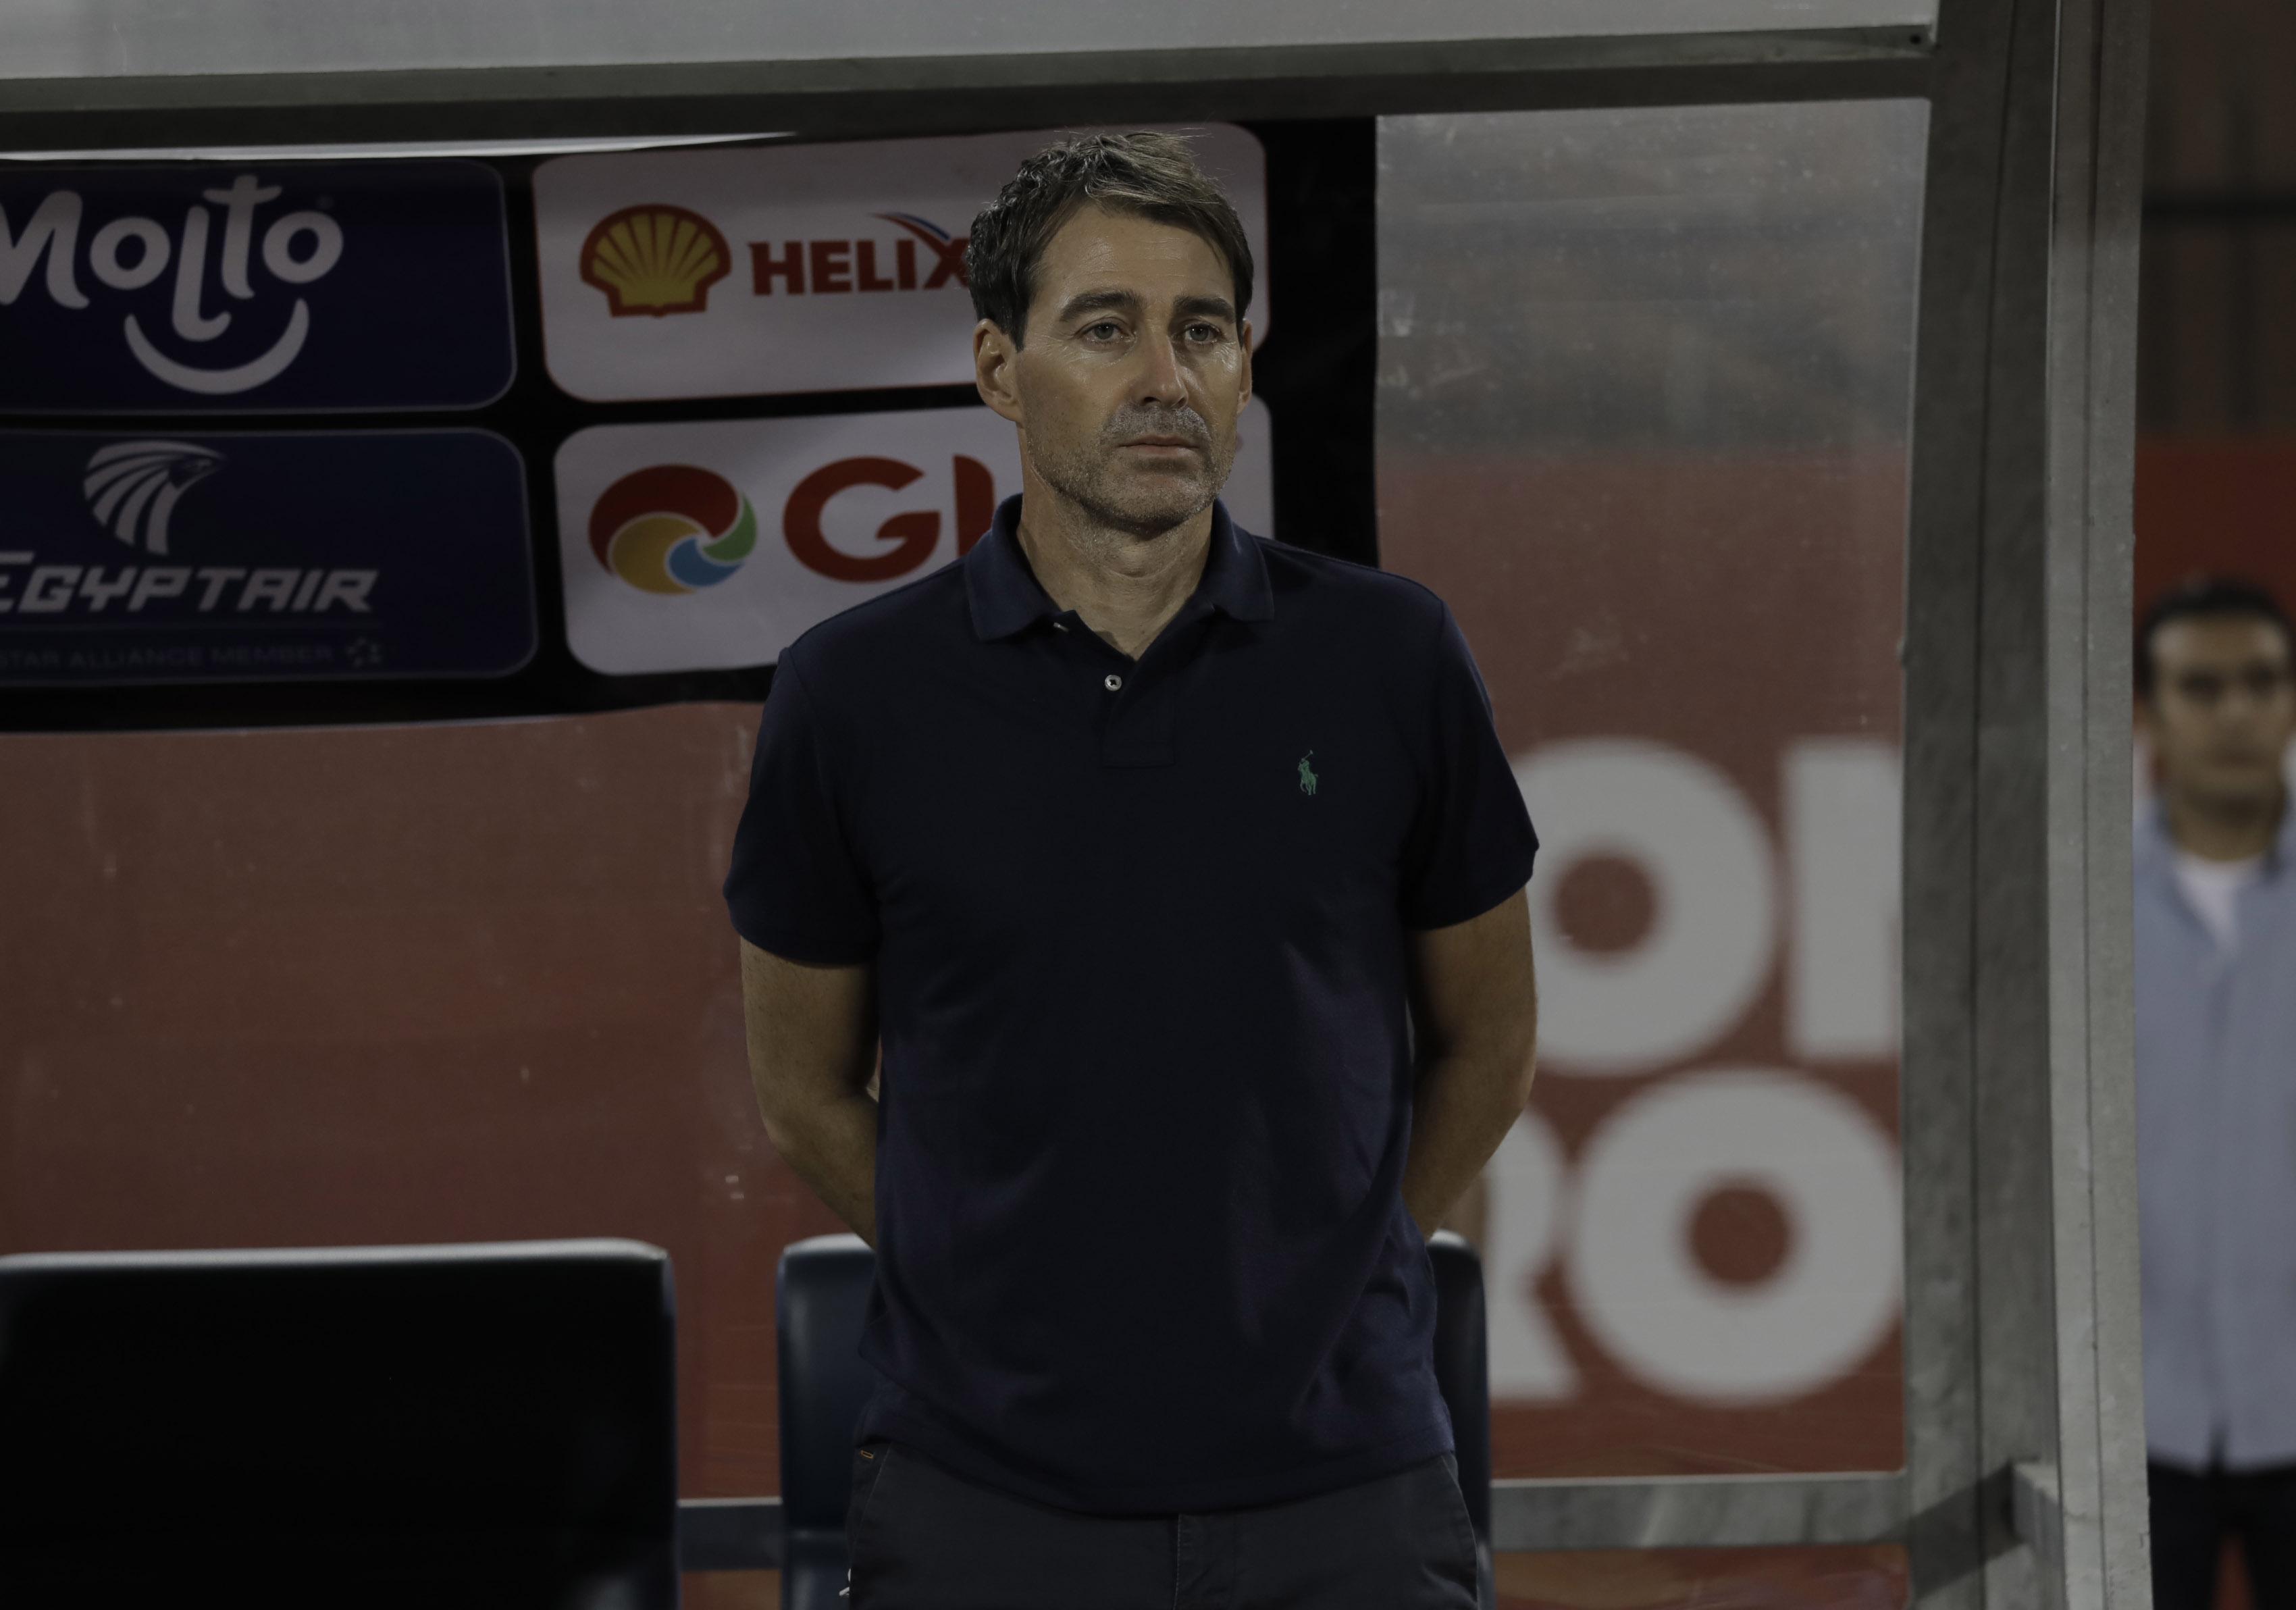 فايلر: لعبنا مباراة جيدة أمام طنطا وأضعنا 5 فرص محققة